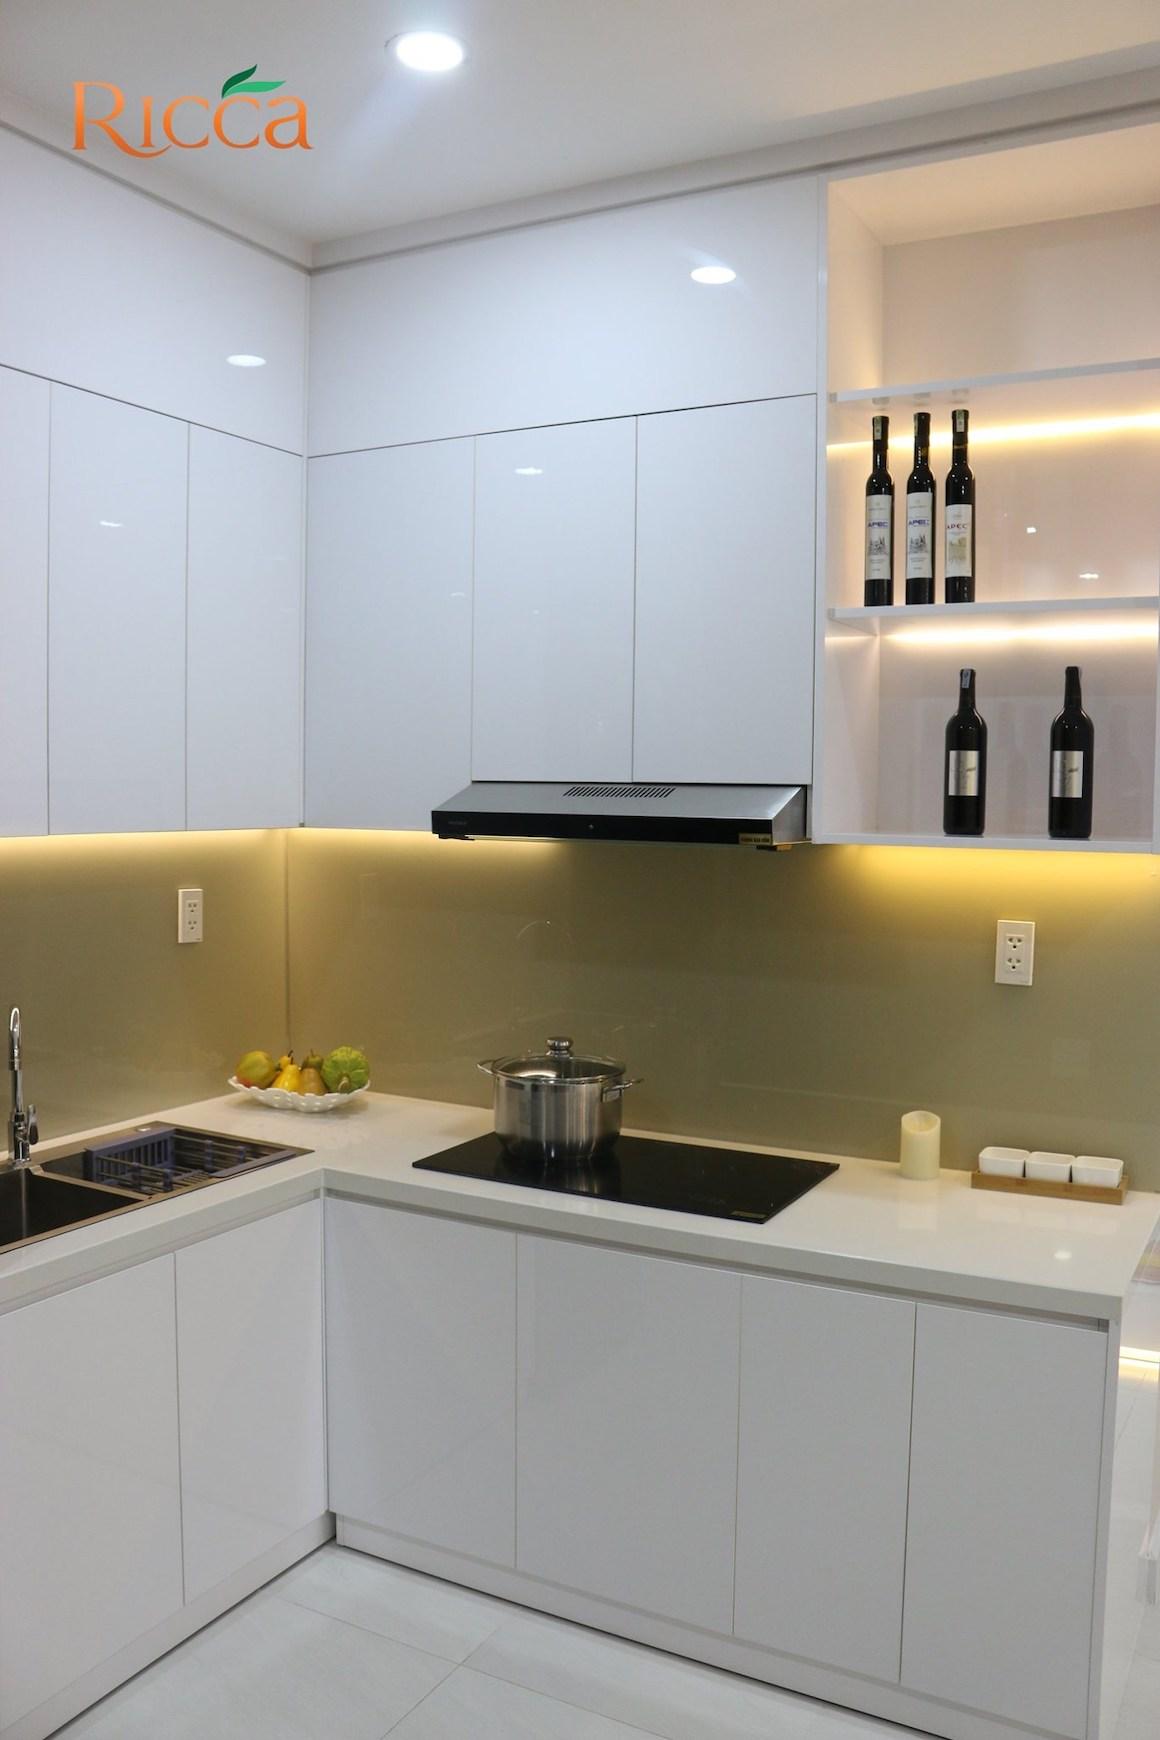 Phòng bếp nhà mẫu căn hộ Ricca Quận 9